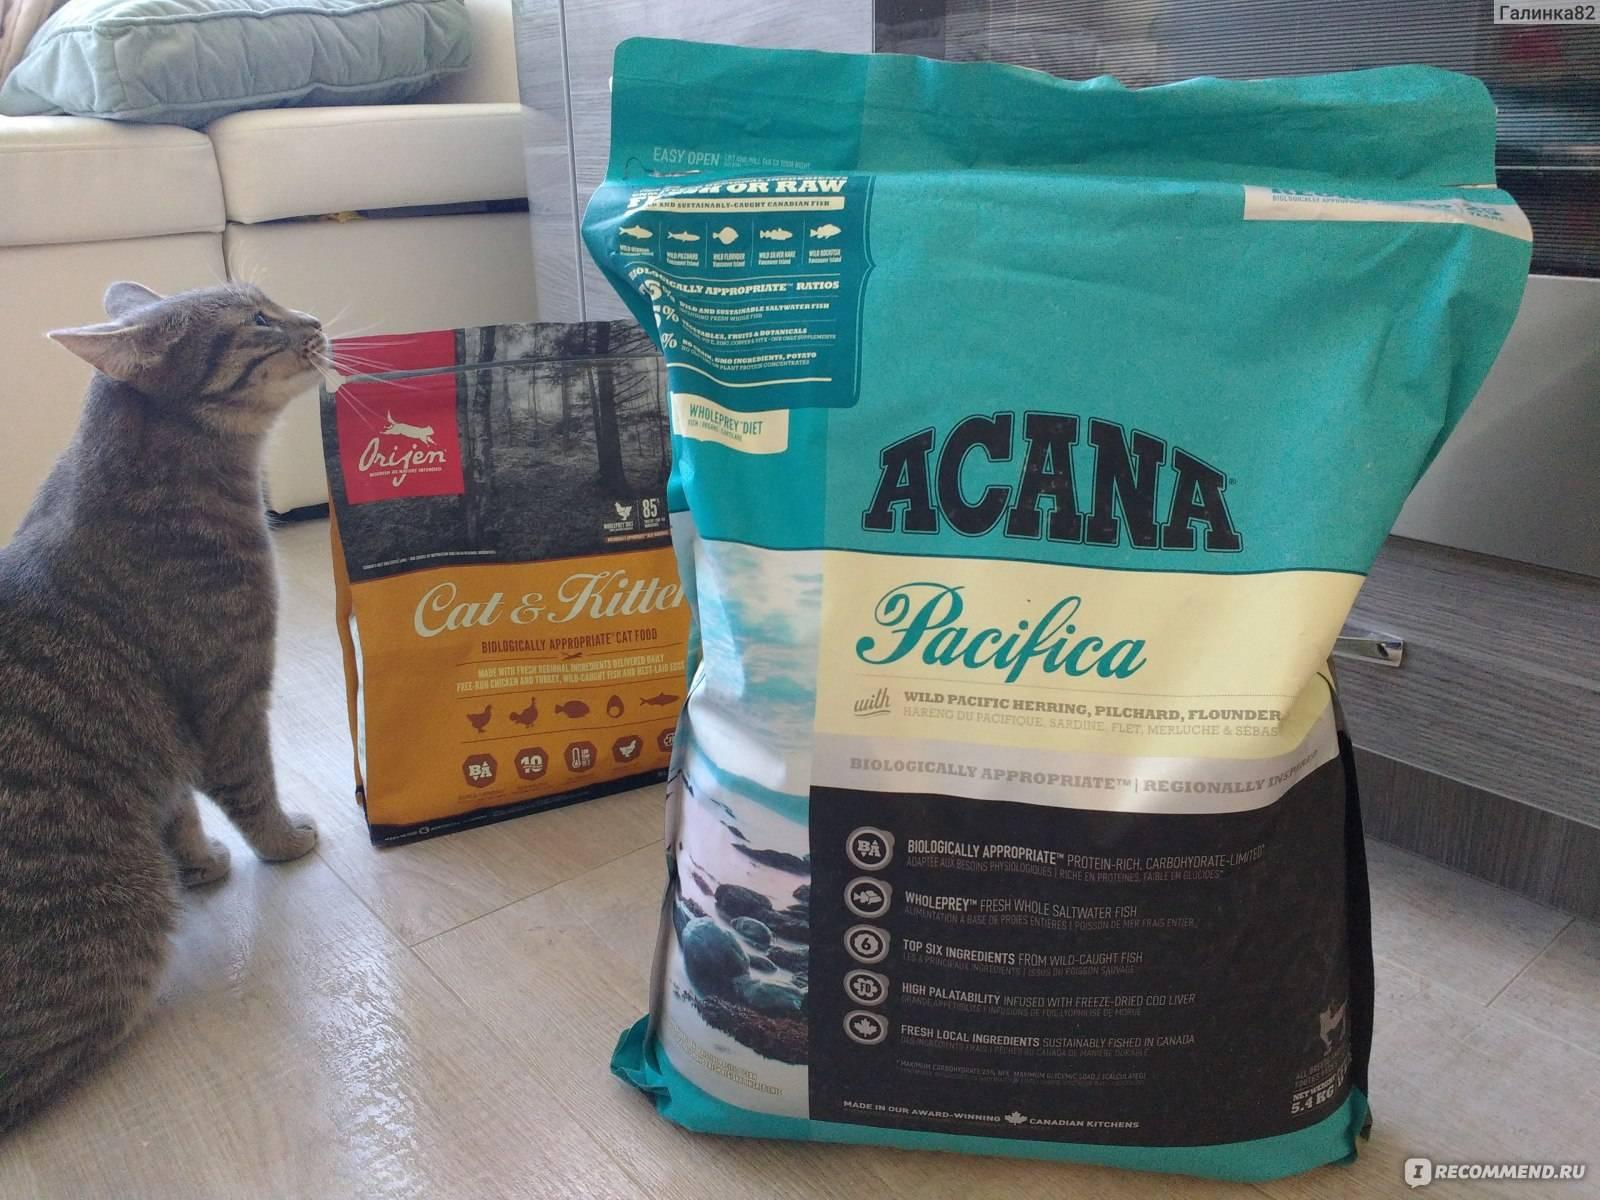 Акана корм для кошек: ассортимент предложения, отзывы ветеринаров о качественном рационе питания